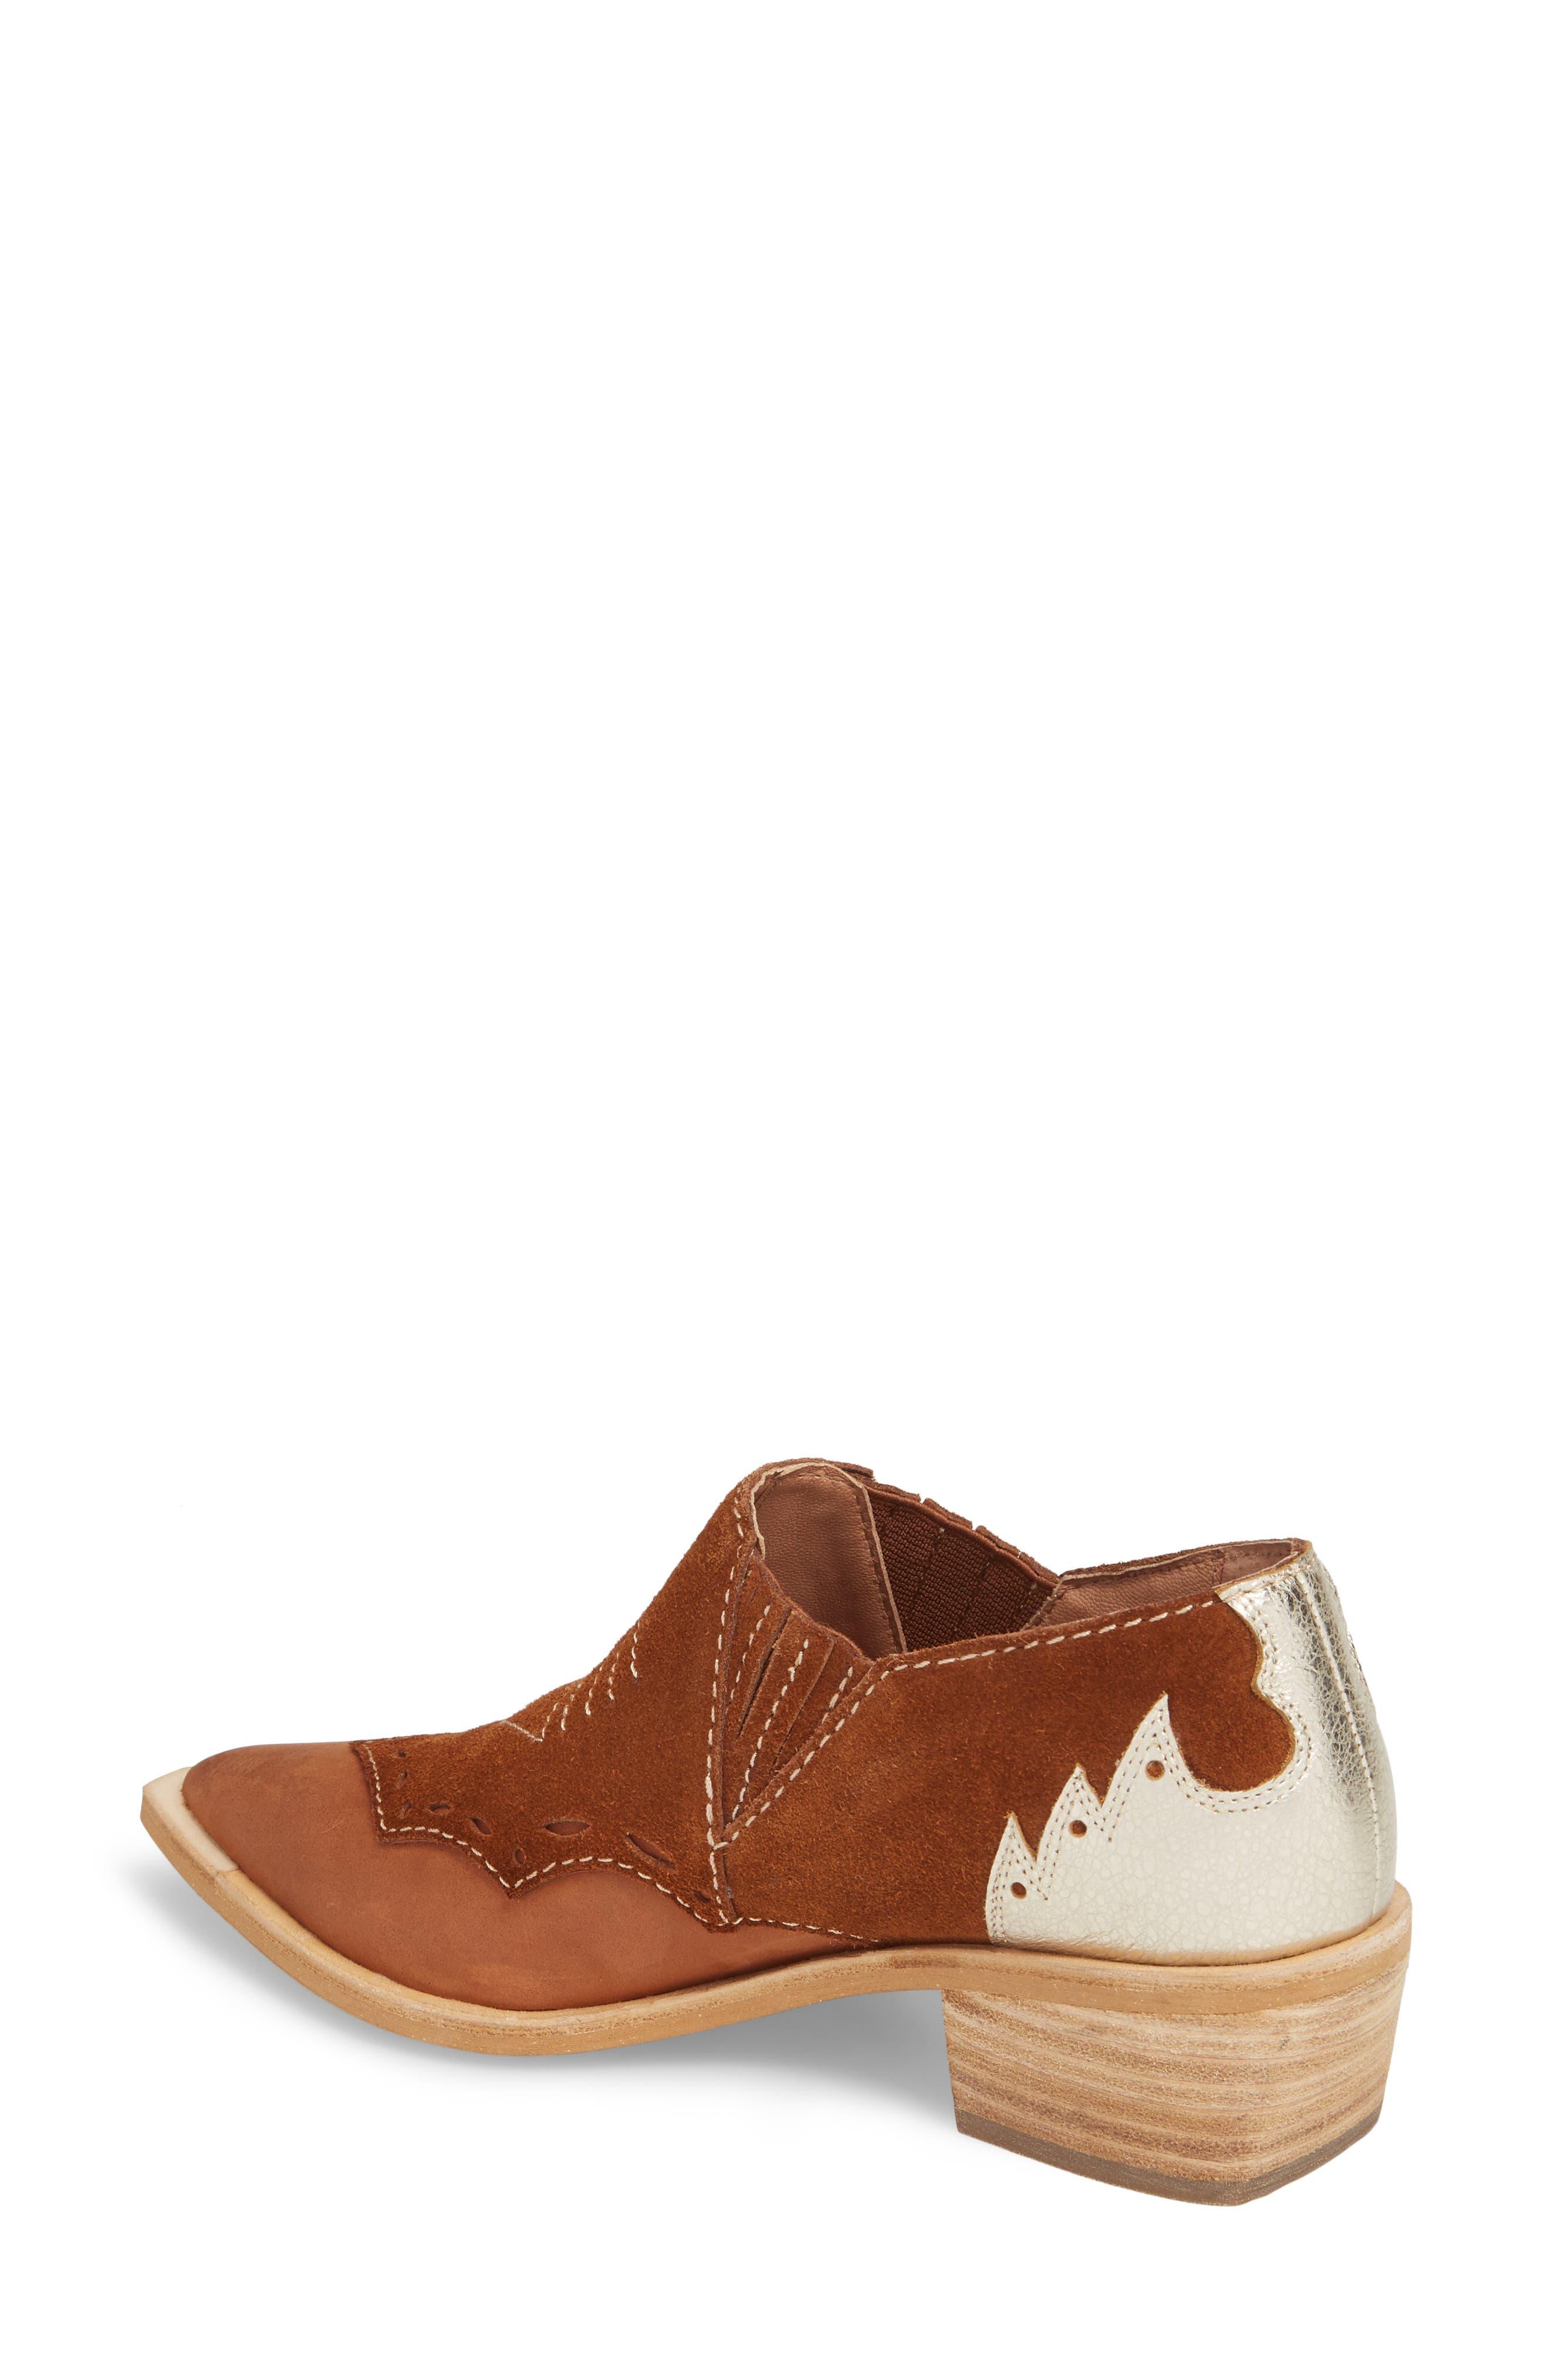 Warner Western Bootie,                             Alternate thumbnail 2, color,                             Brown/ Deep Maroon Leather